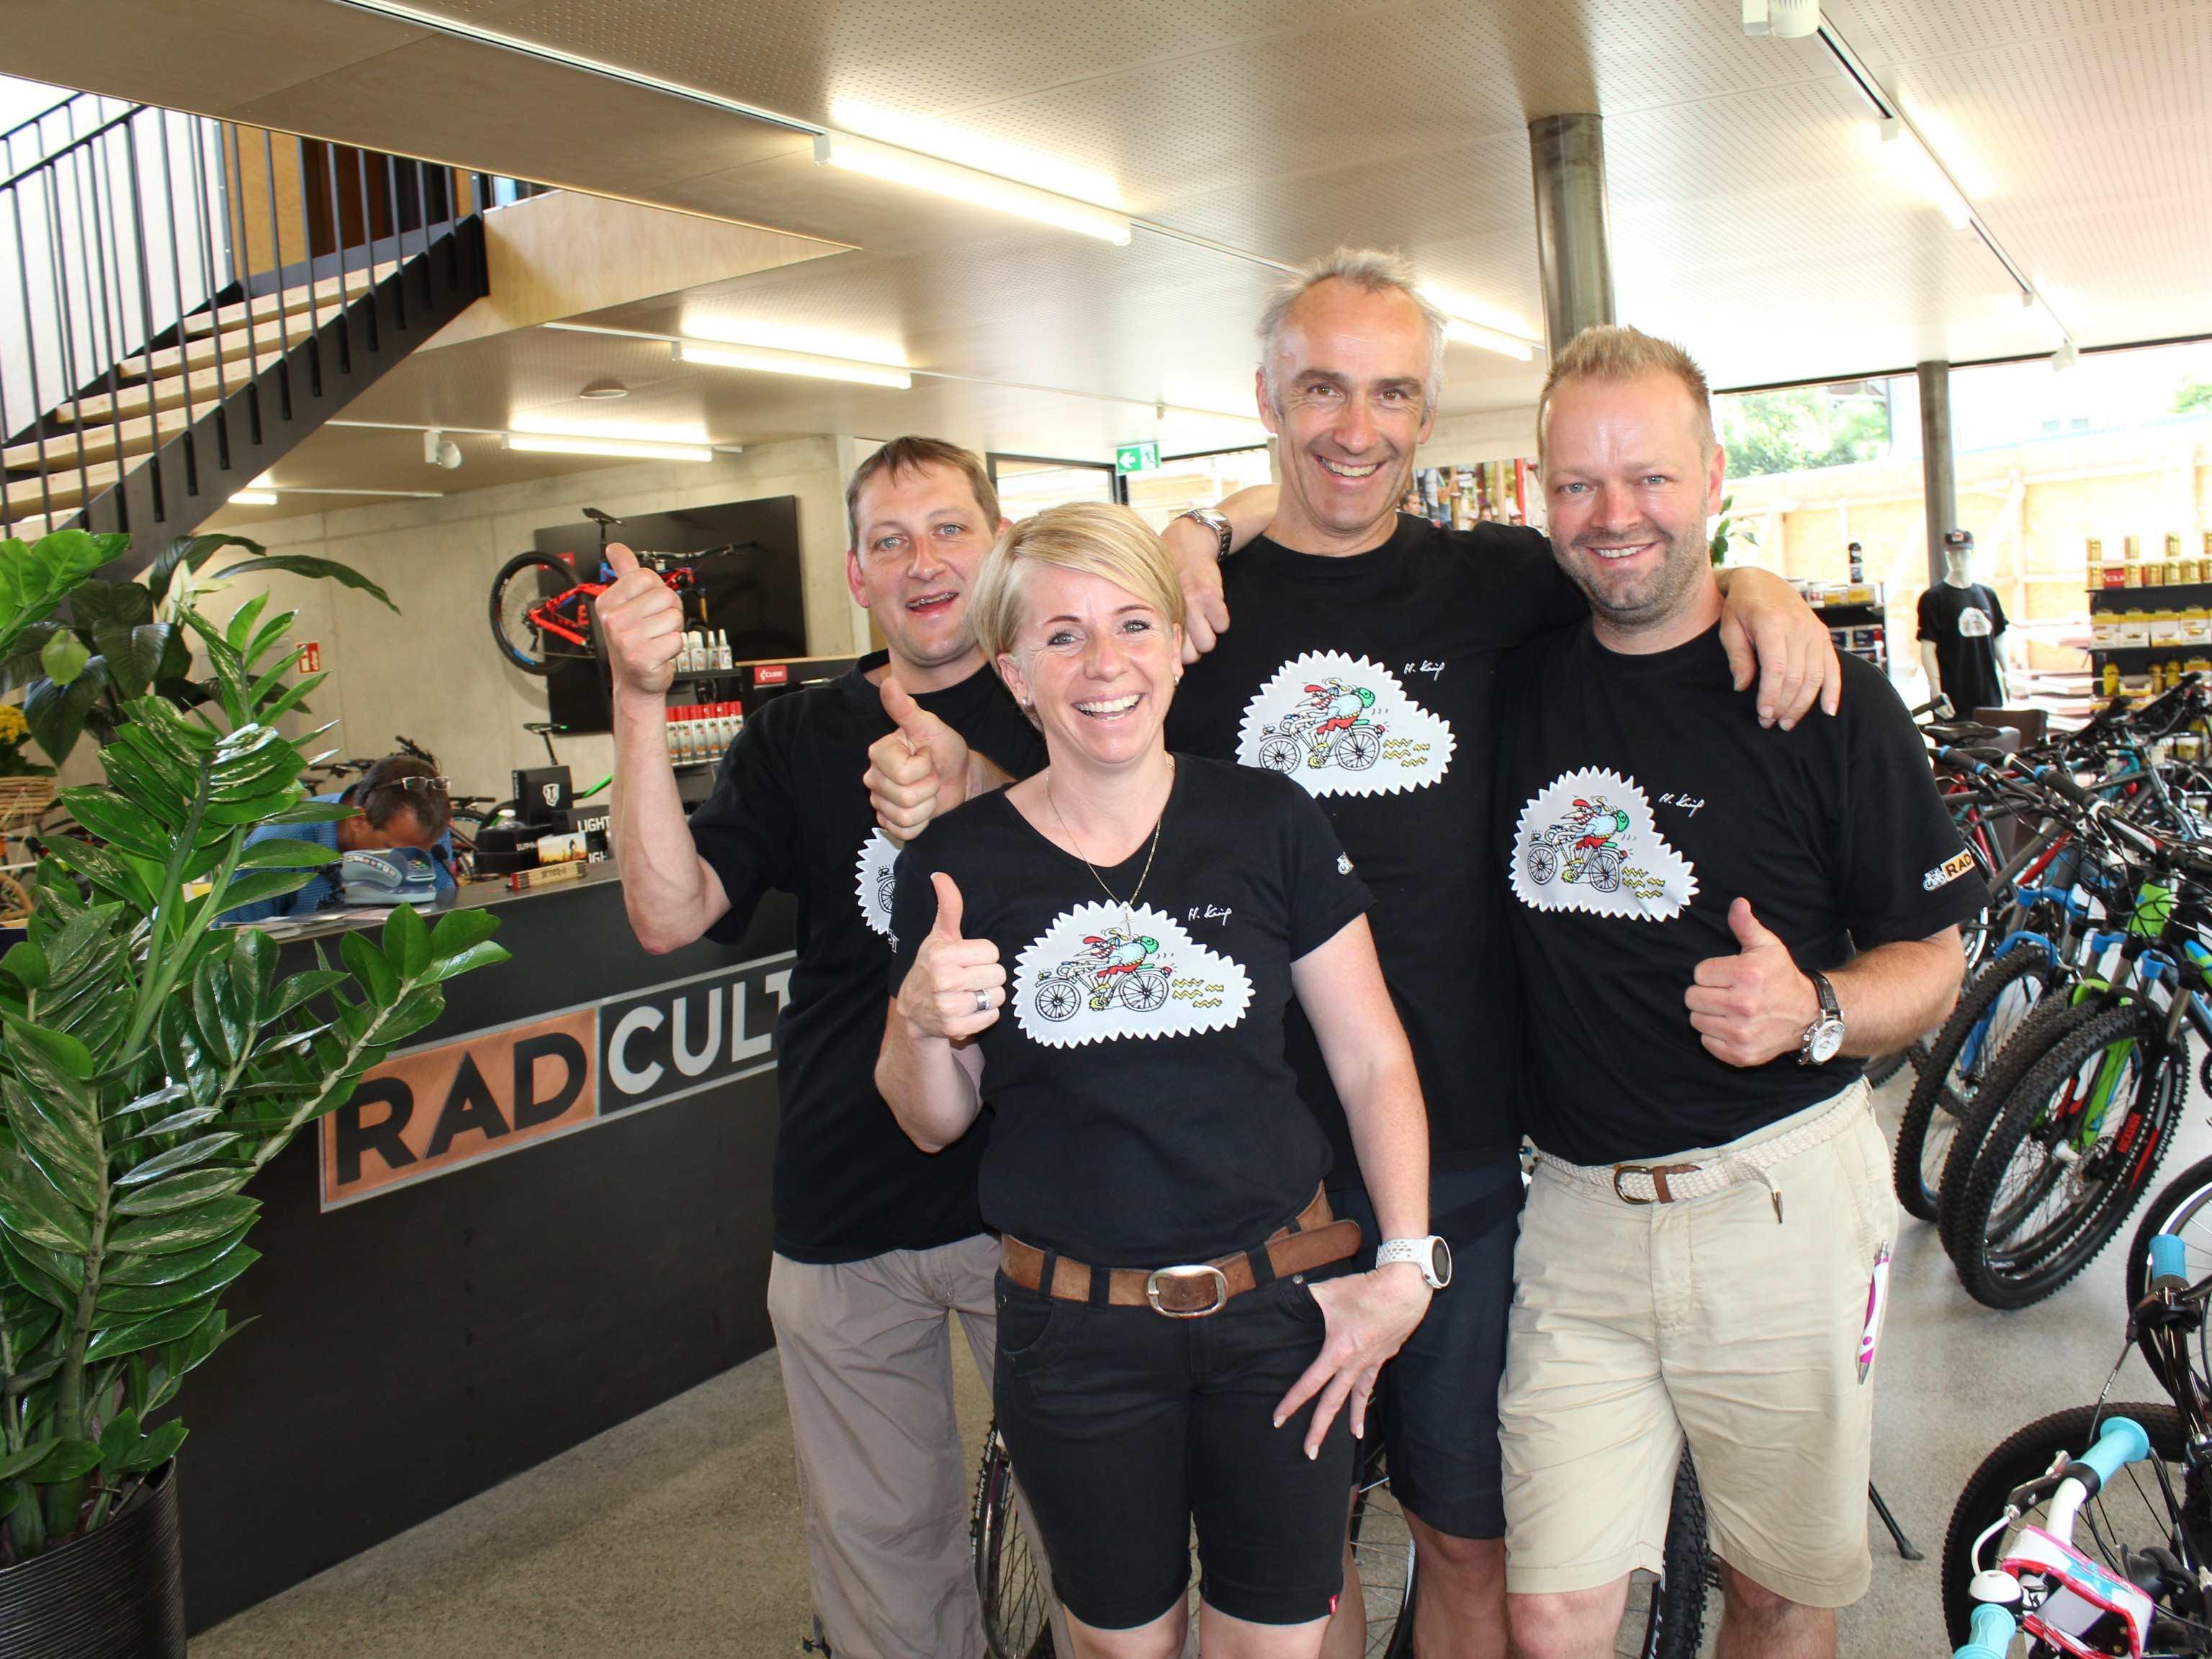 Das Team von Rad Cult freut sich über die Neueröffnung.